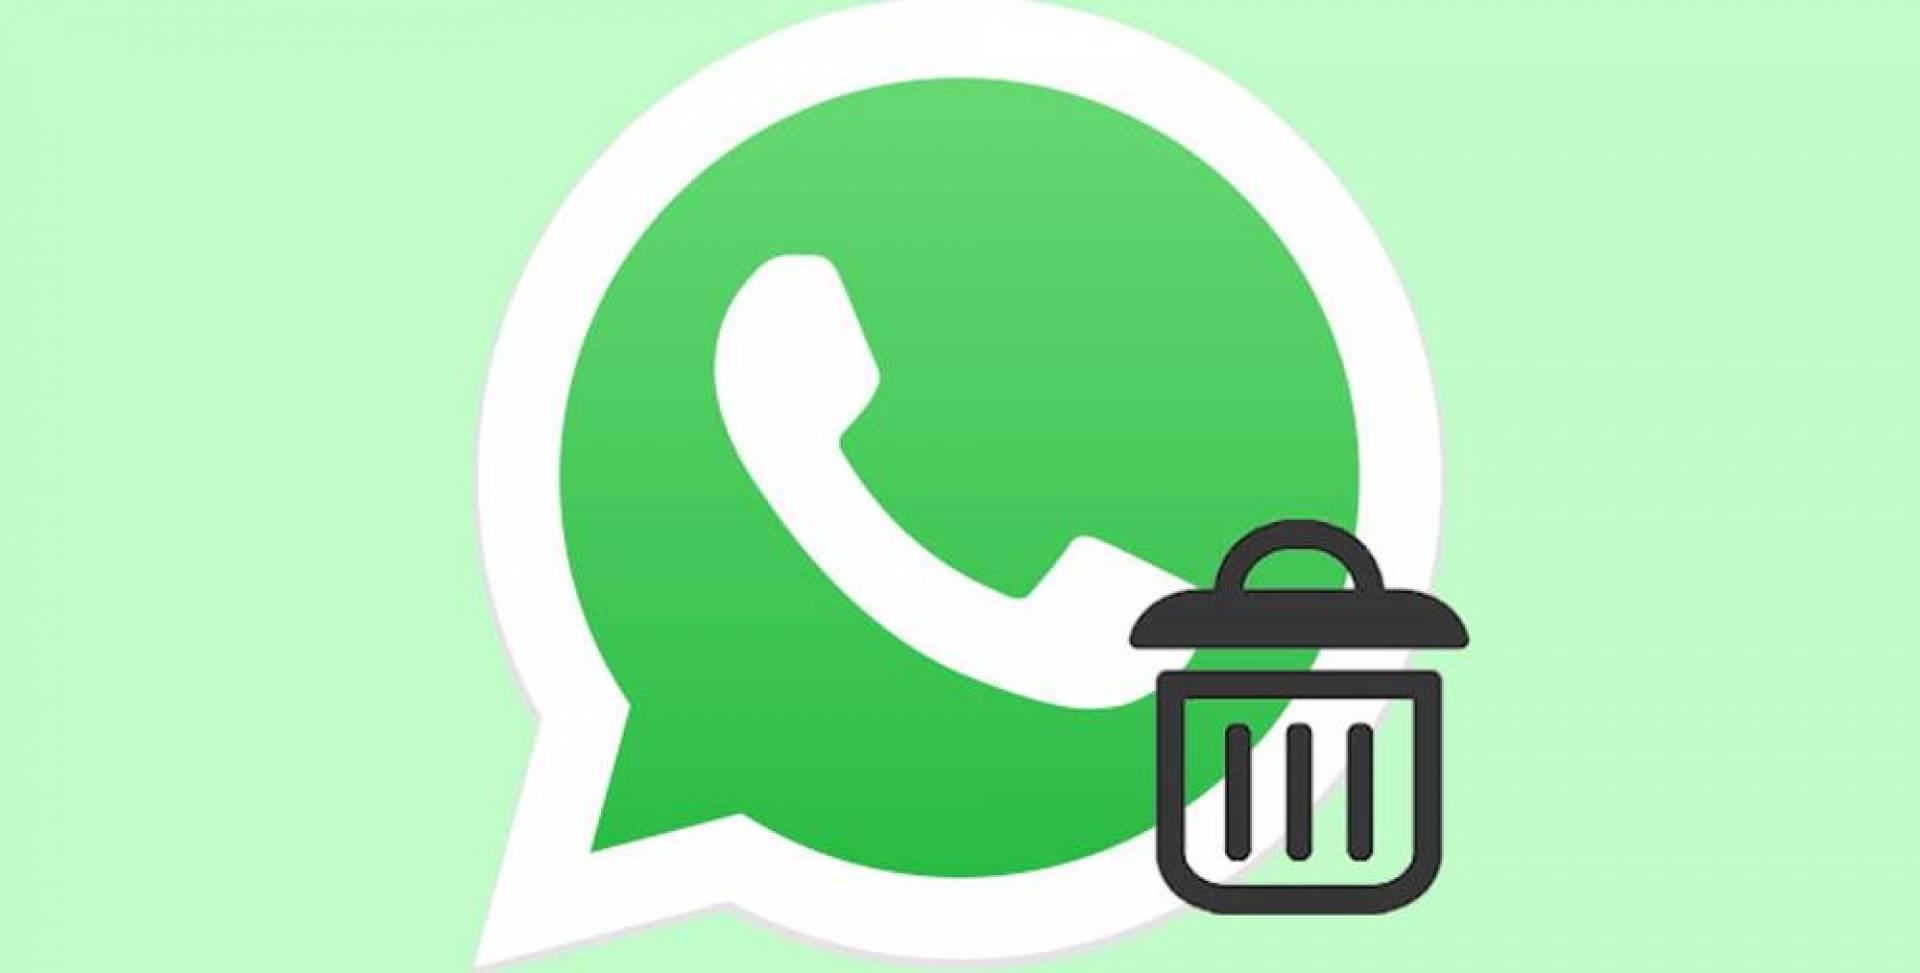 حذف الرسائل تلقائيًا.. تحديث جديد من واتساب لنظامي أندرويد وios